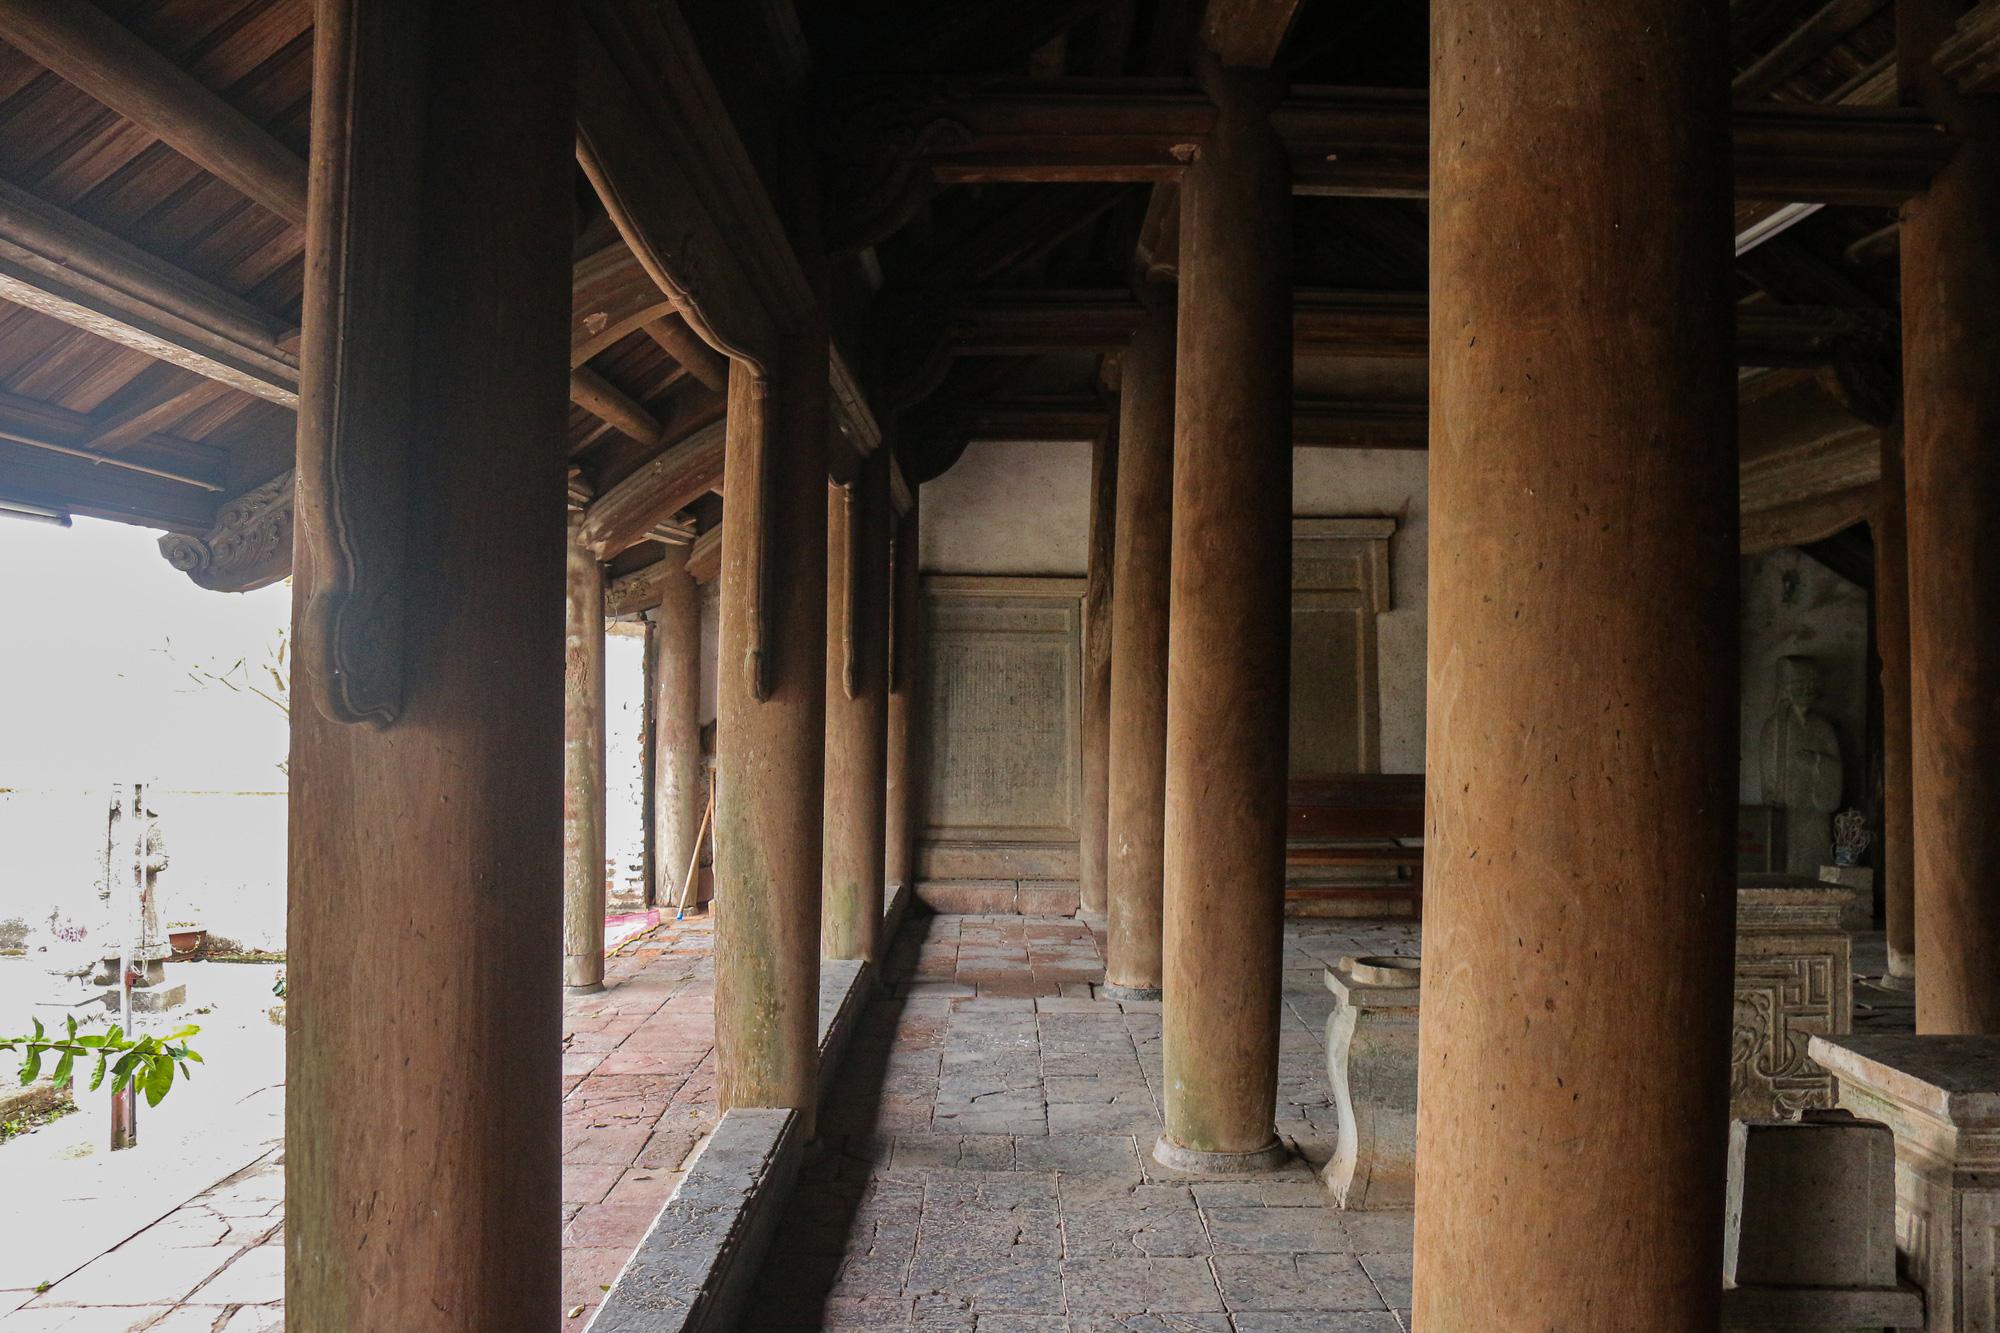 Đền đá Phú Đa: Nét kiến trúc độc đáo tồn tại hơn 300 năm lịch sử - Ảnh 15.